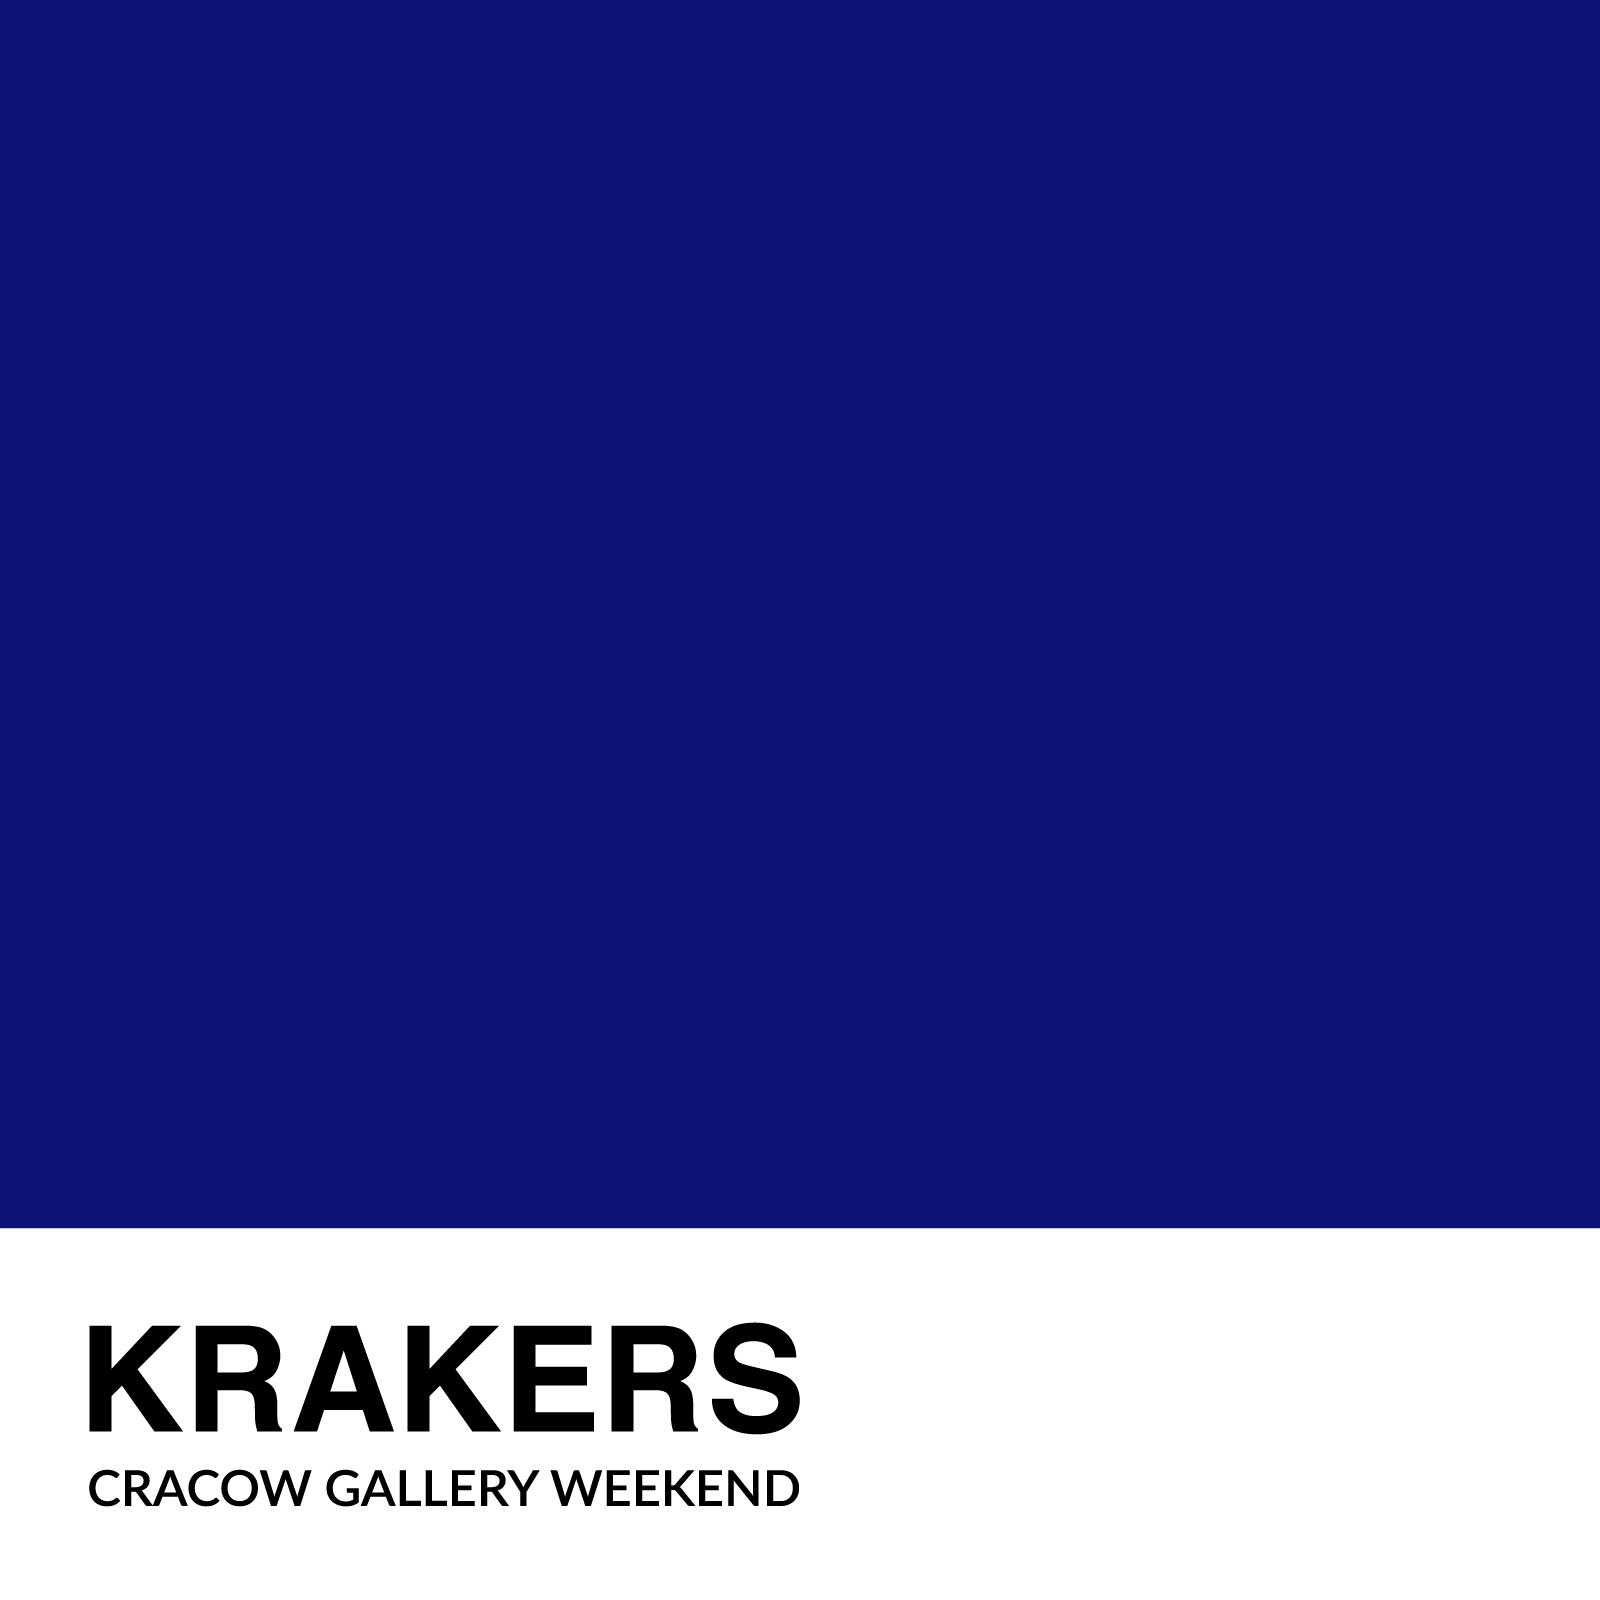 Cracow Gallery Weekend Krakers (źródło: materiały prasowe organizatora)